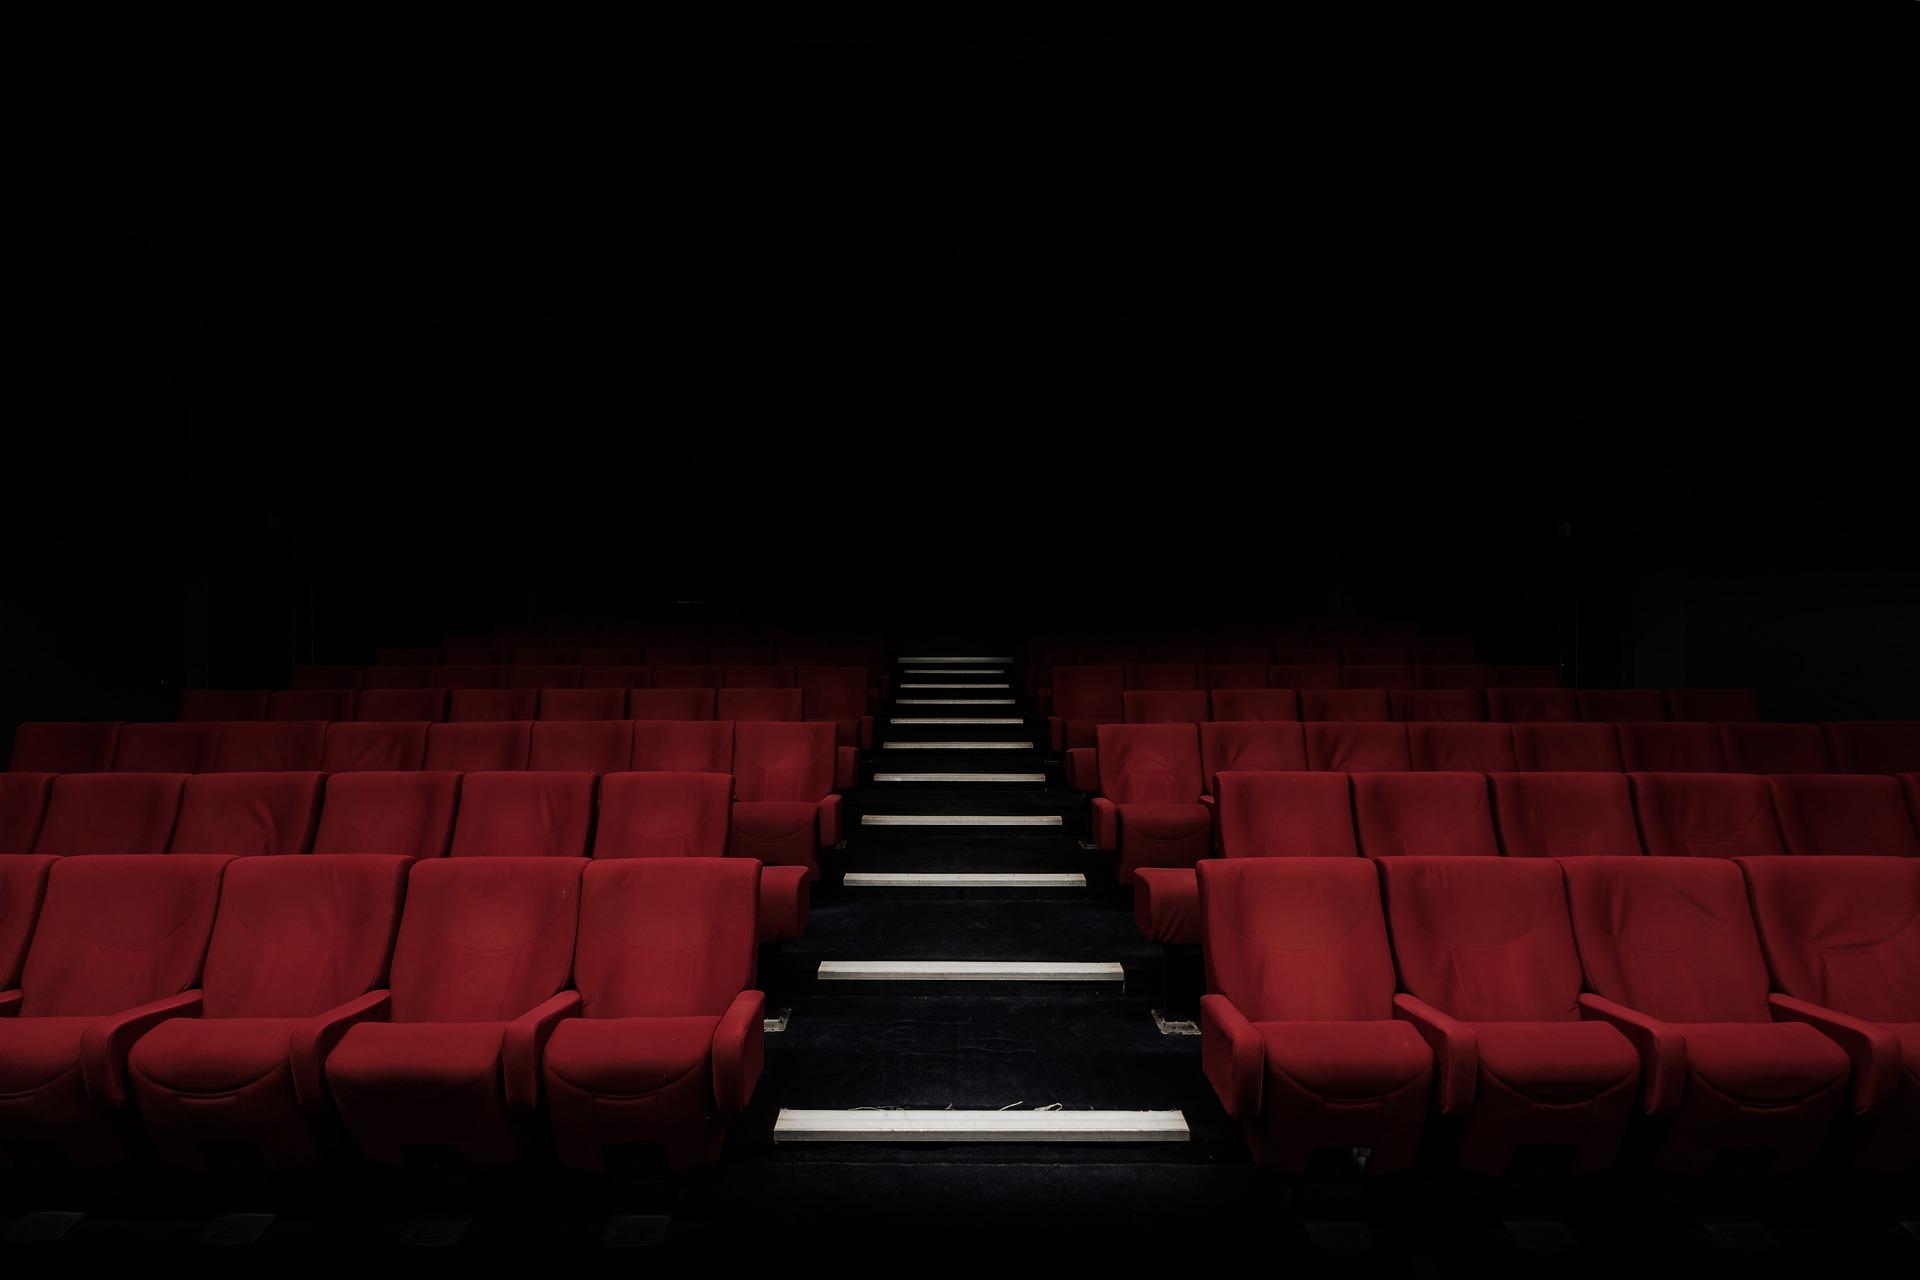 auditorium-2584269_1920.jpg